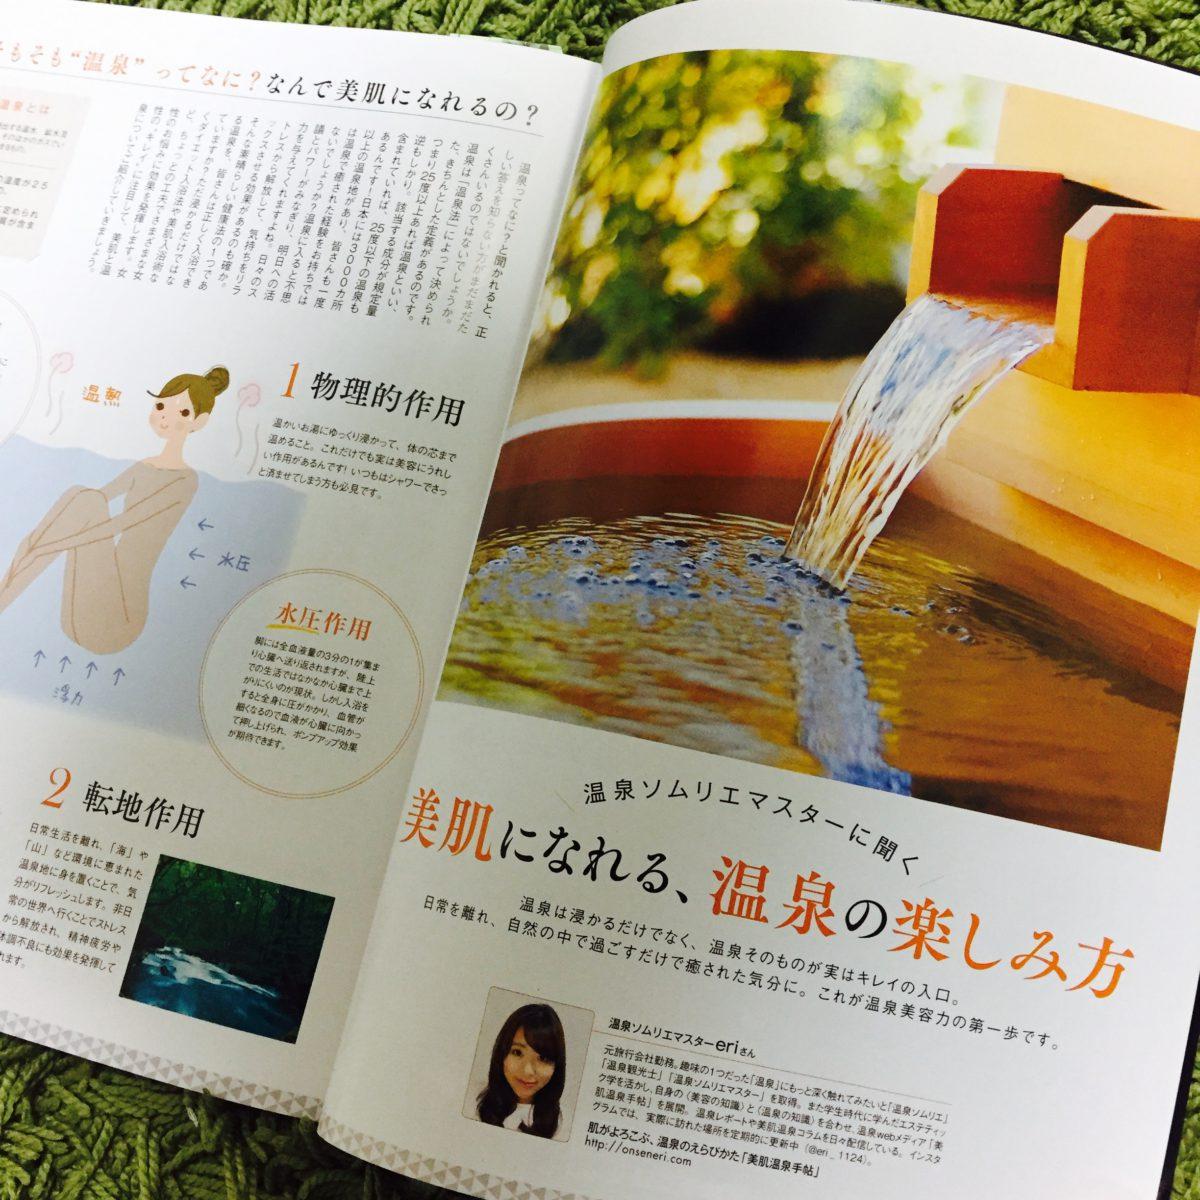 温泉雑誌【のんびりほこほこ温泉へ行こう2017】巻頭ページを担当しました!